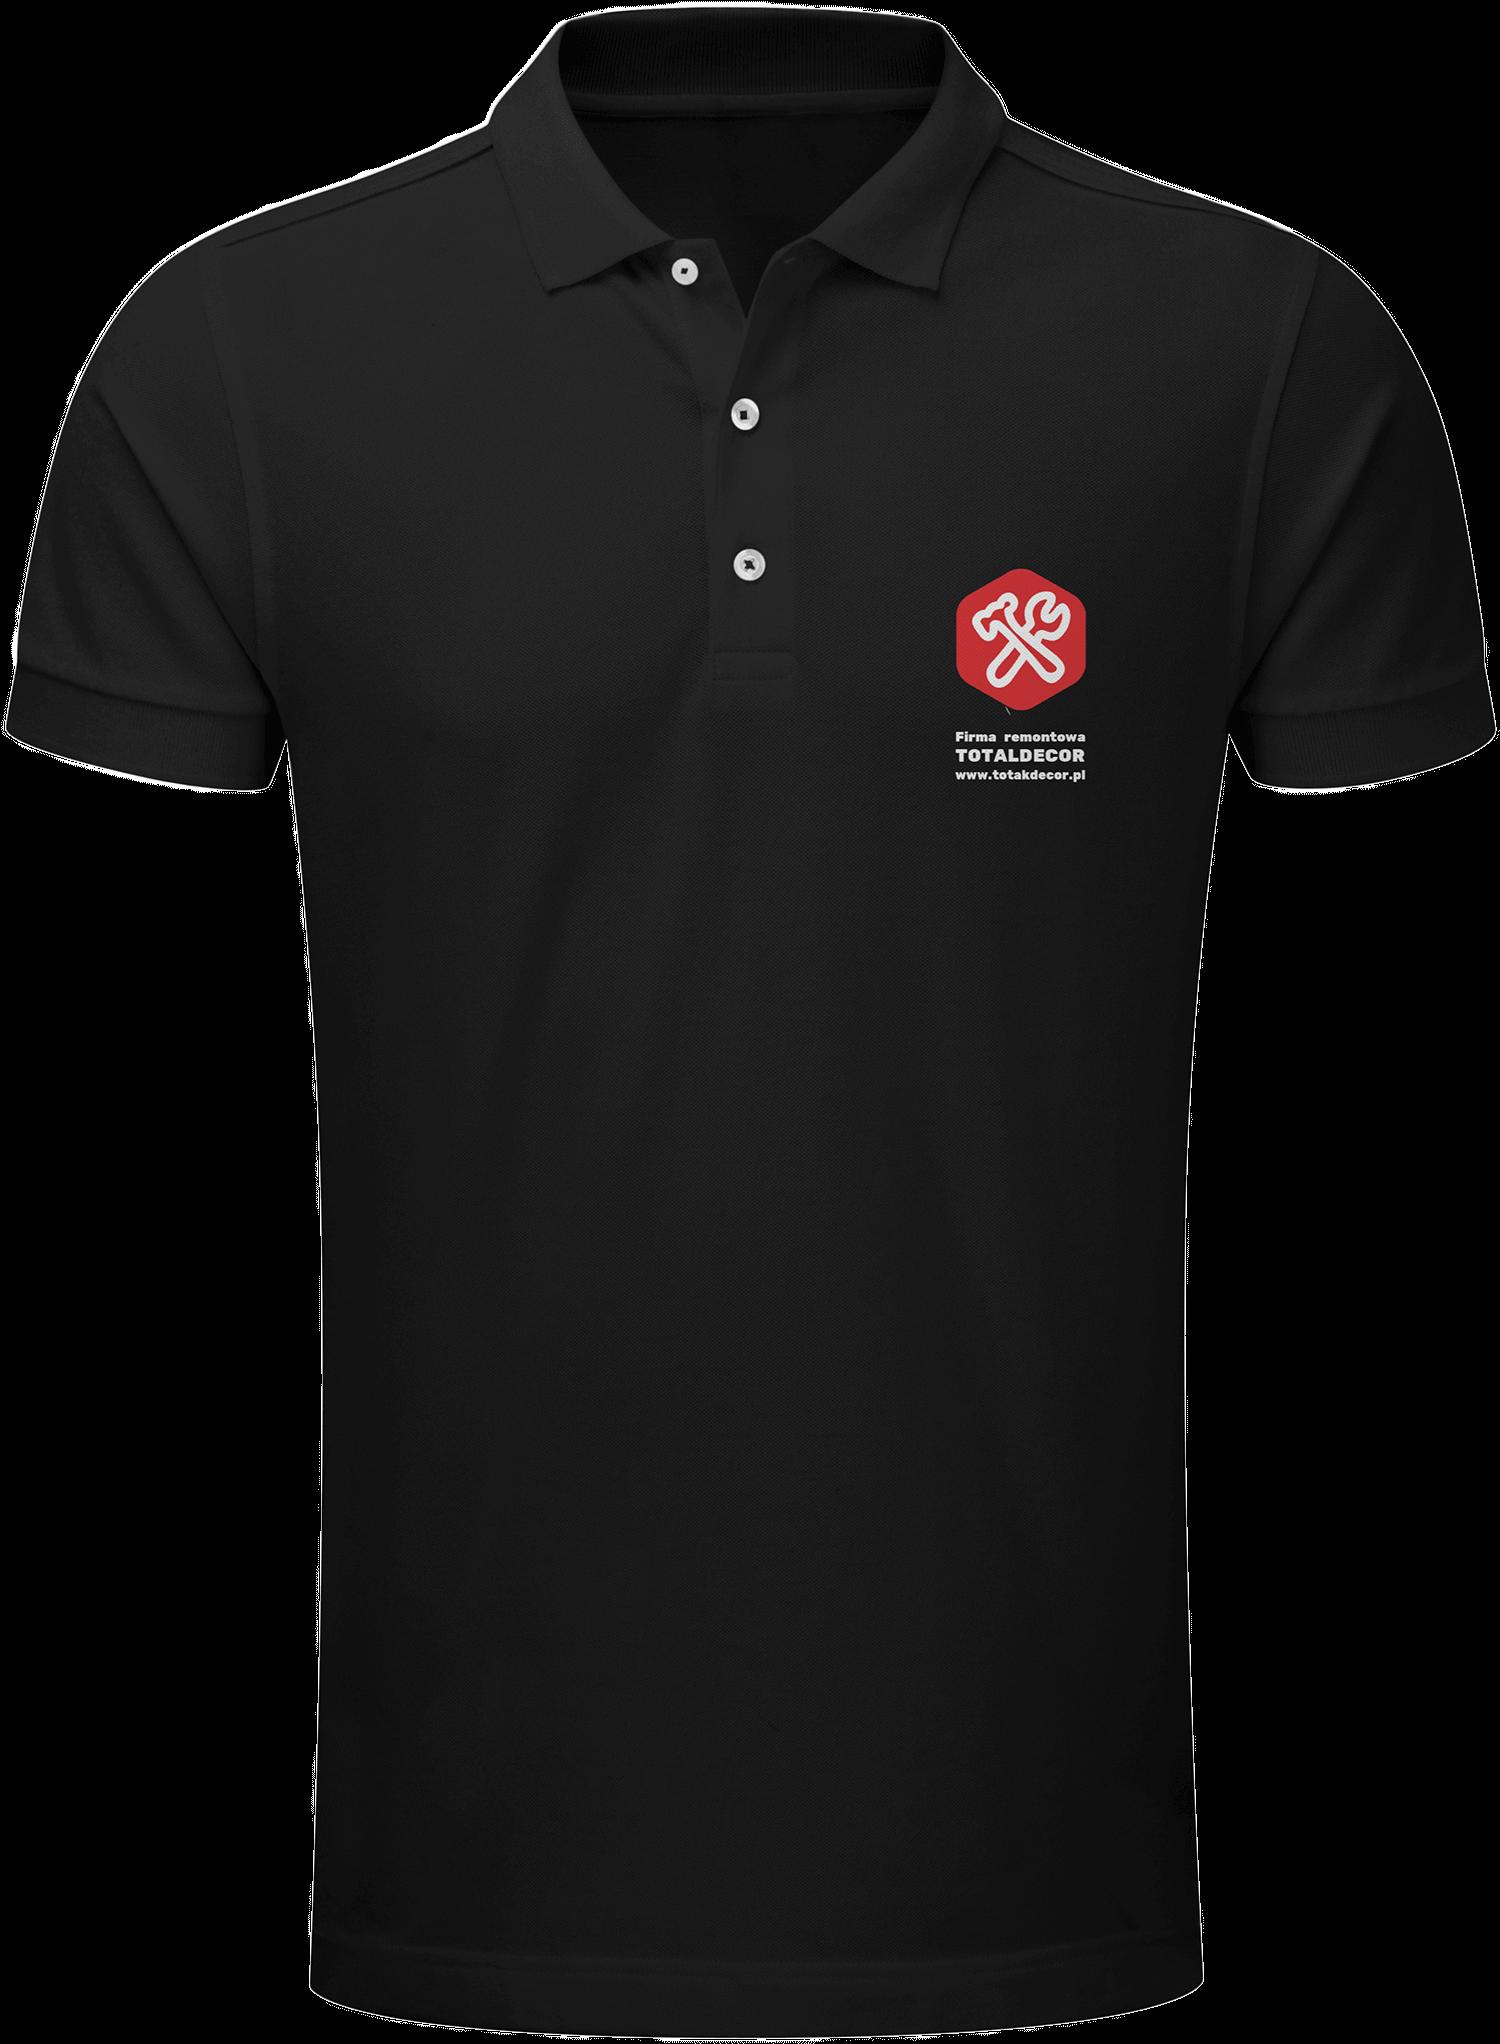 odzież z logo firmowym